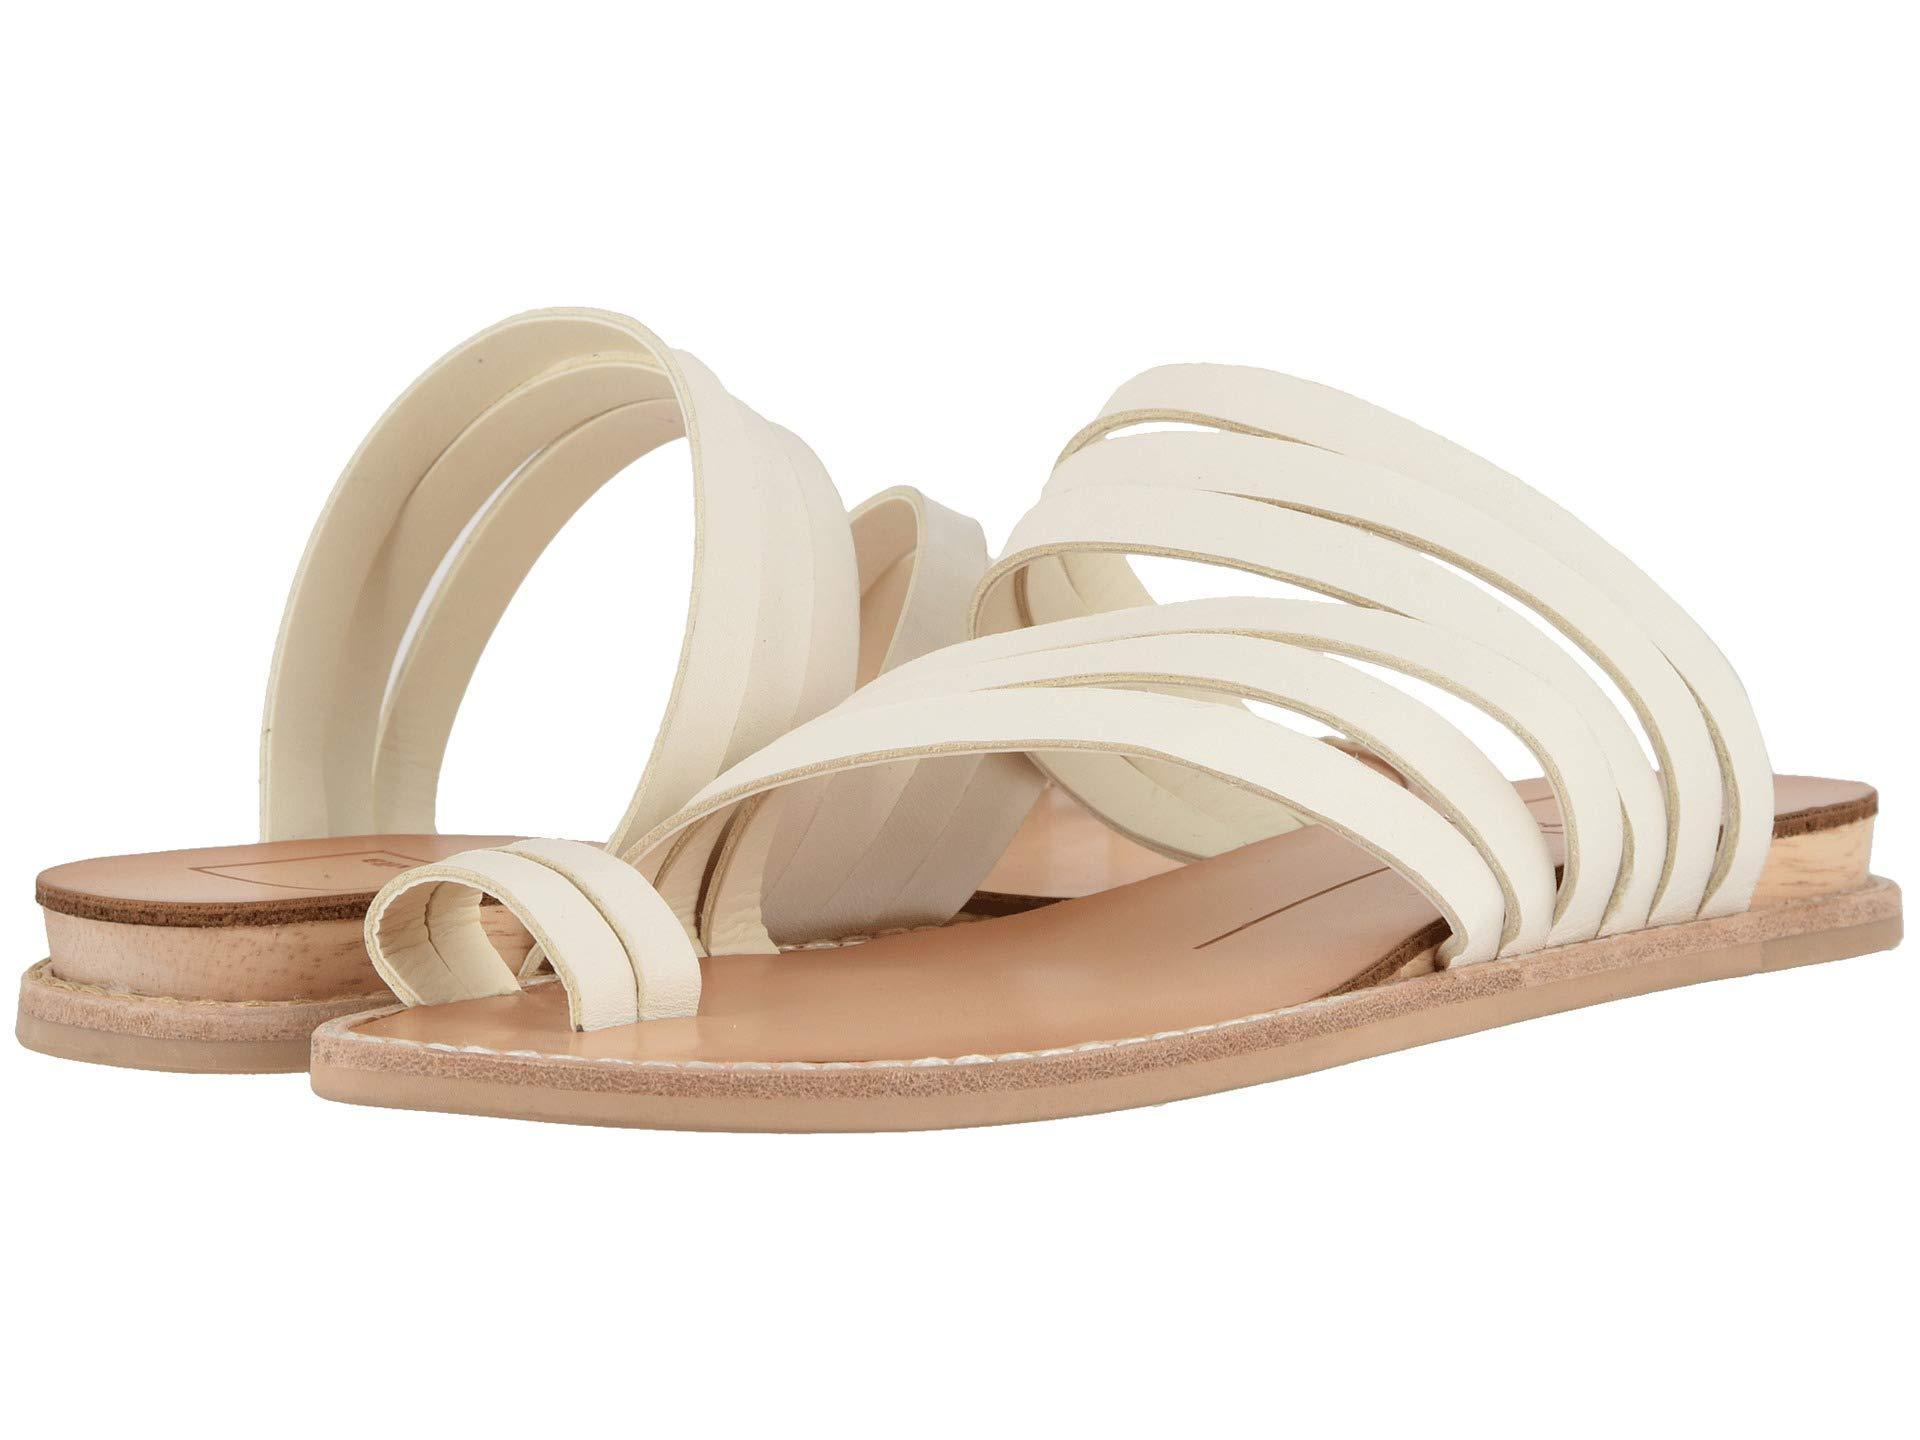 e041091f2eea5 Lyst - Dolce Vita Nelly (tan Multi Leather) Women s Sandals in White